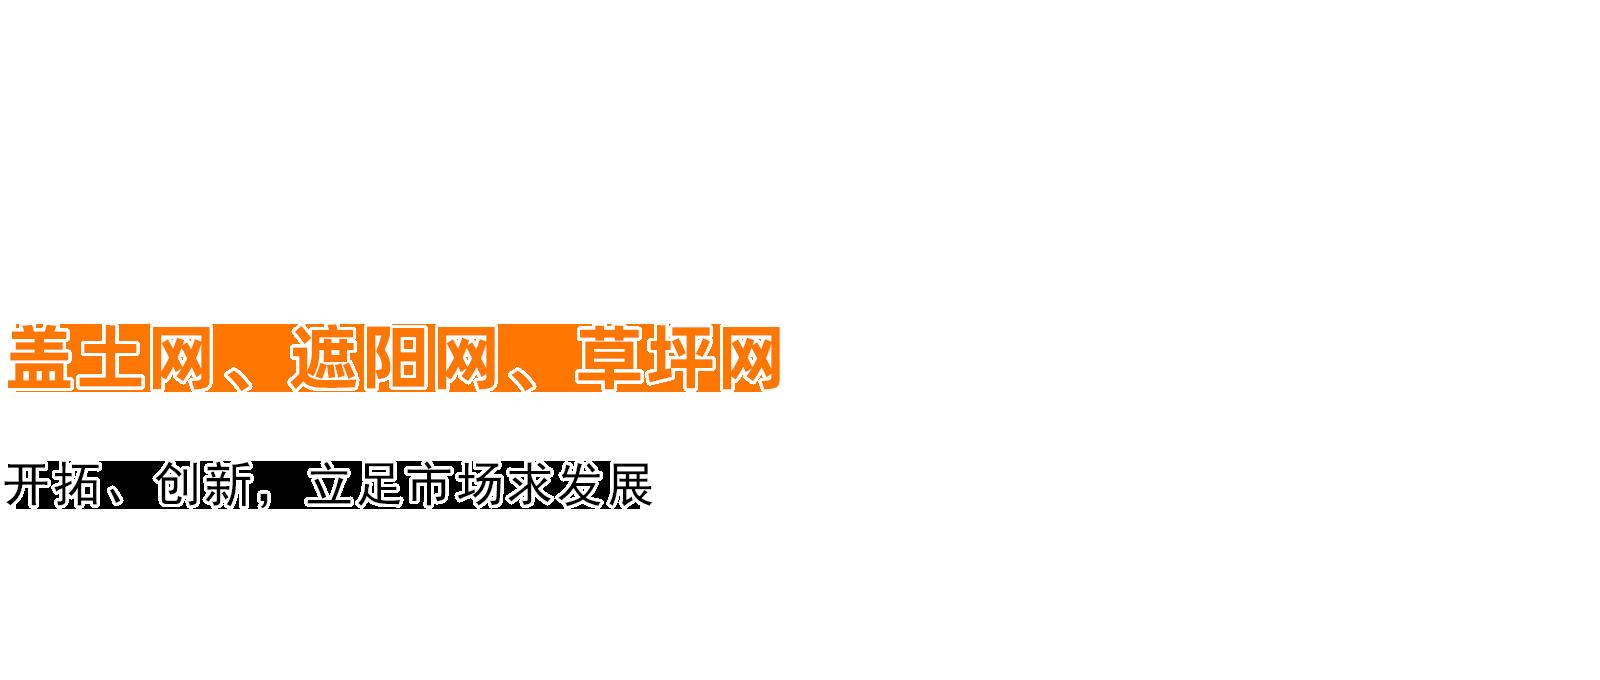 千亿体育app下载-亚洲知名平台